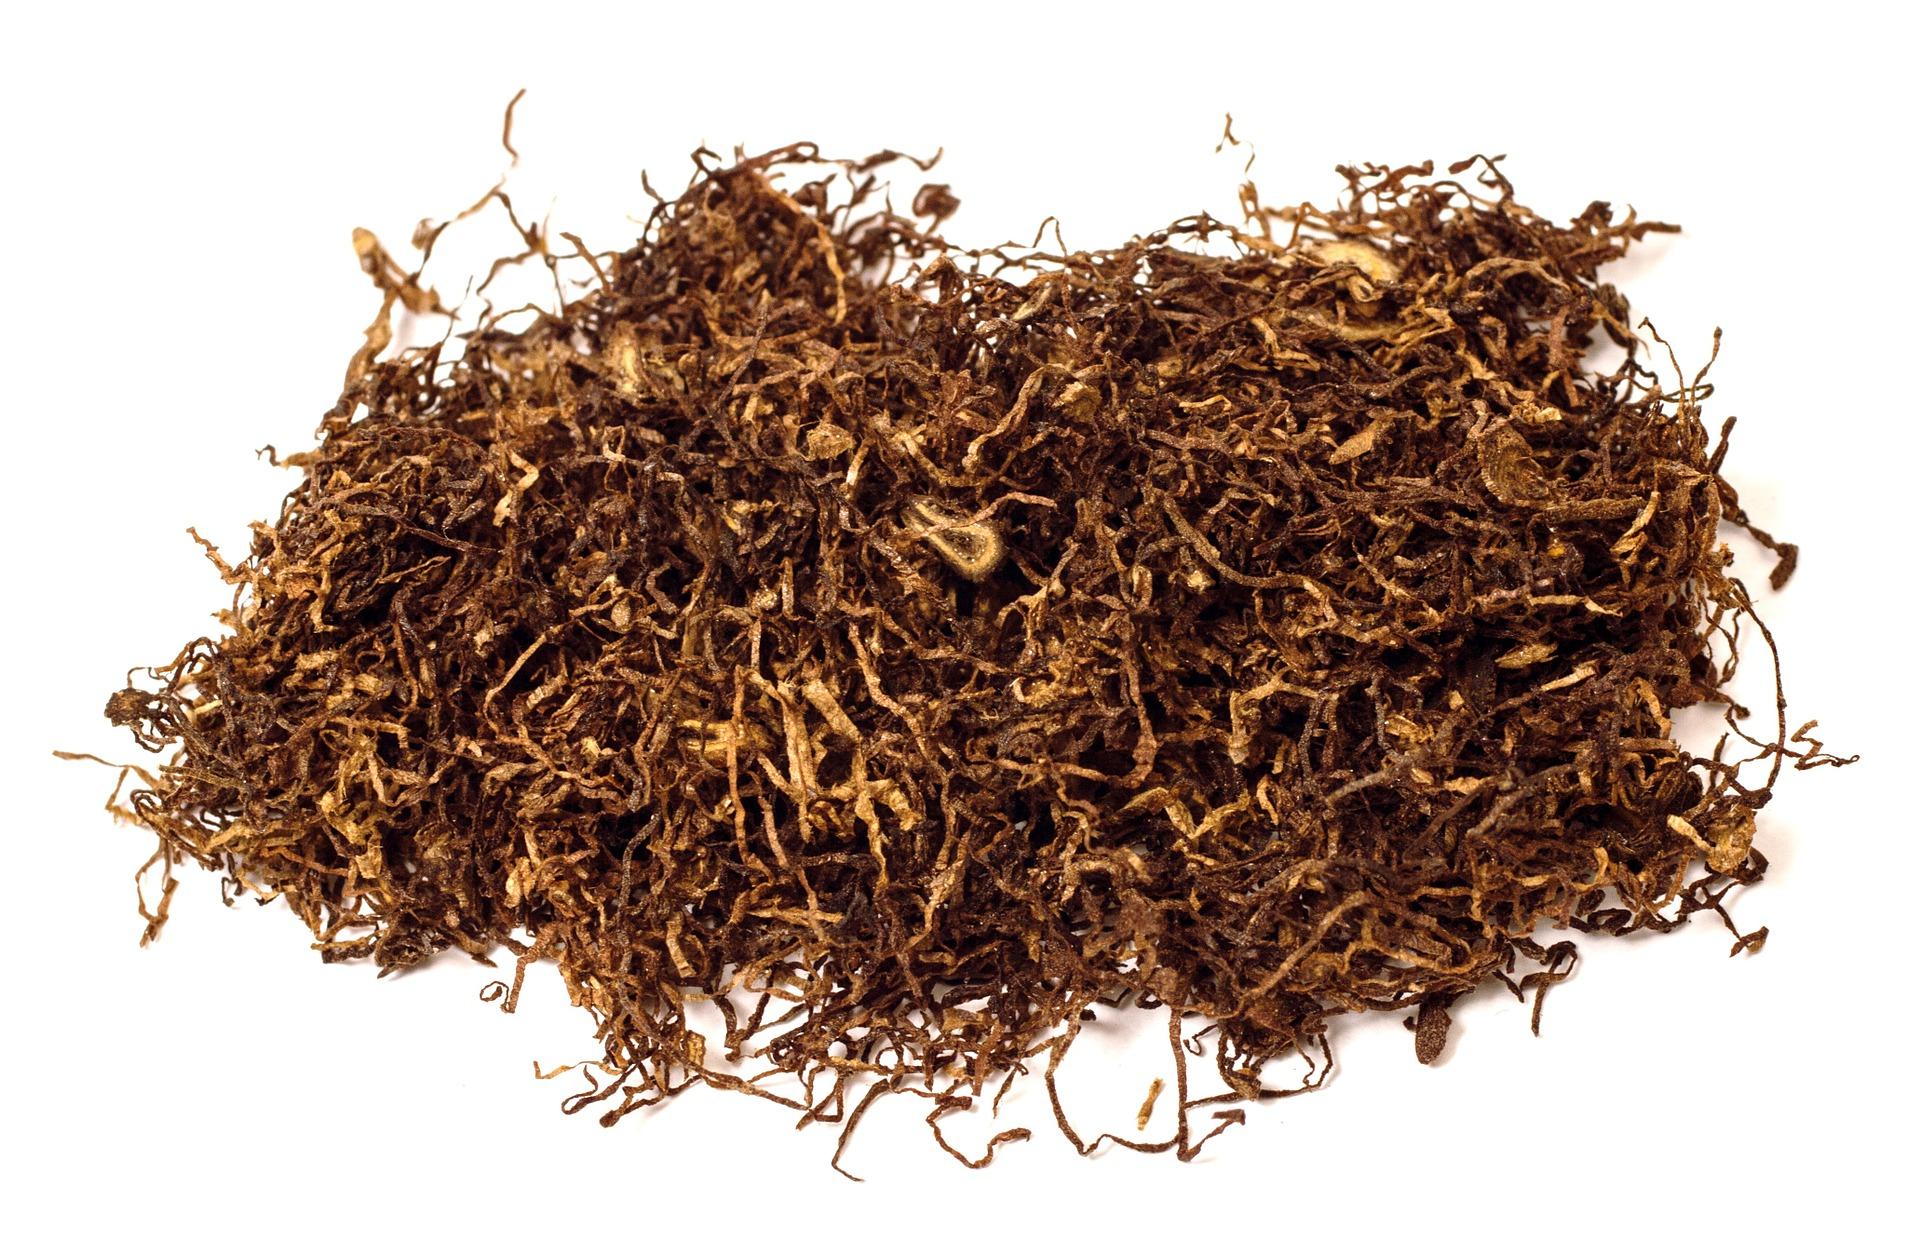 Od dziś zakaz sprzedaży papierosów mentolowych